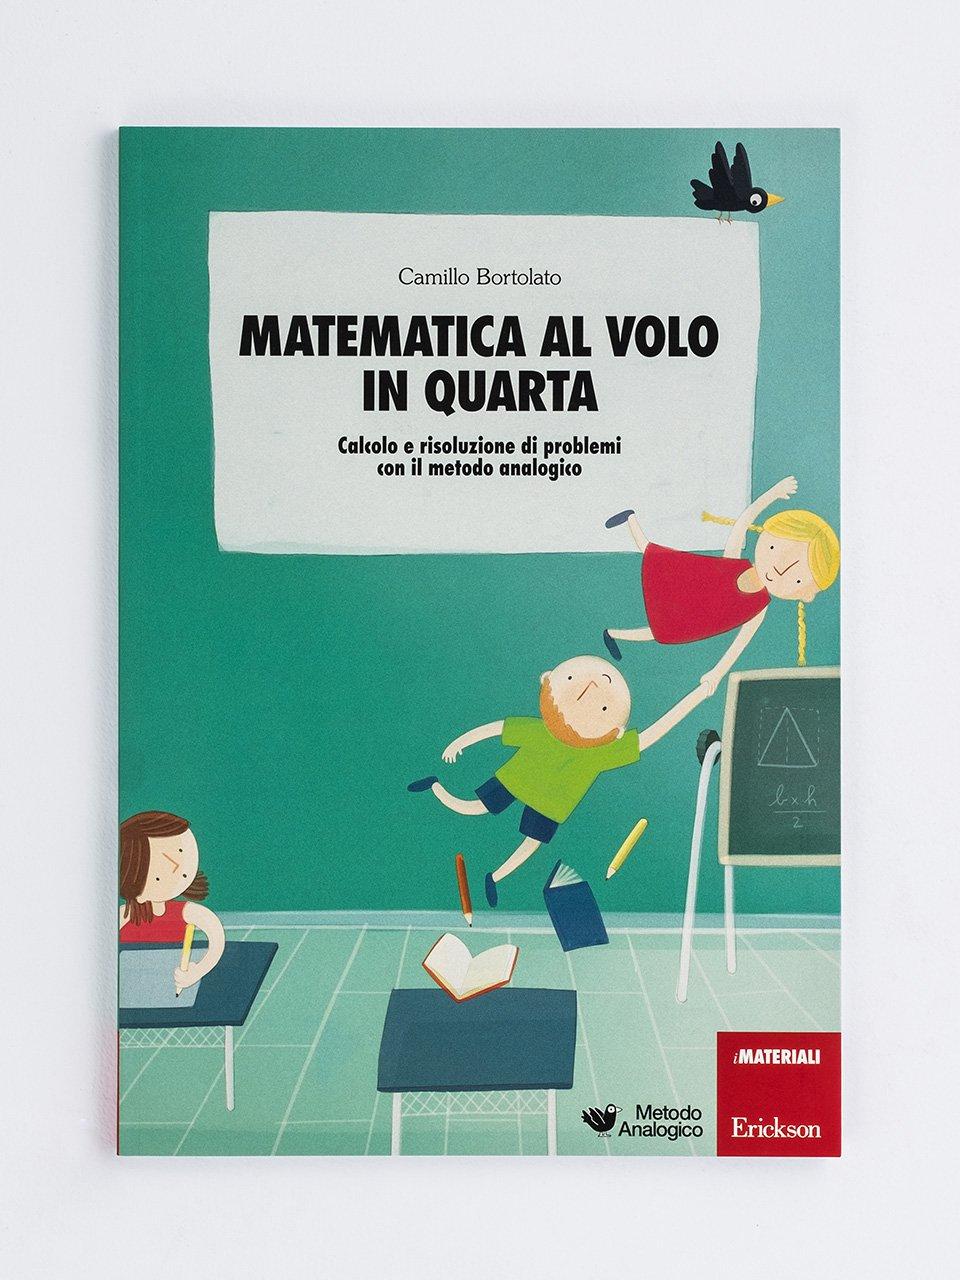 Matematica al volo in quarta - Metodo Analogico altre proposte - Erickson